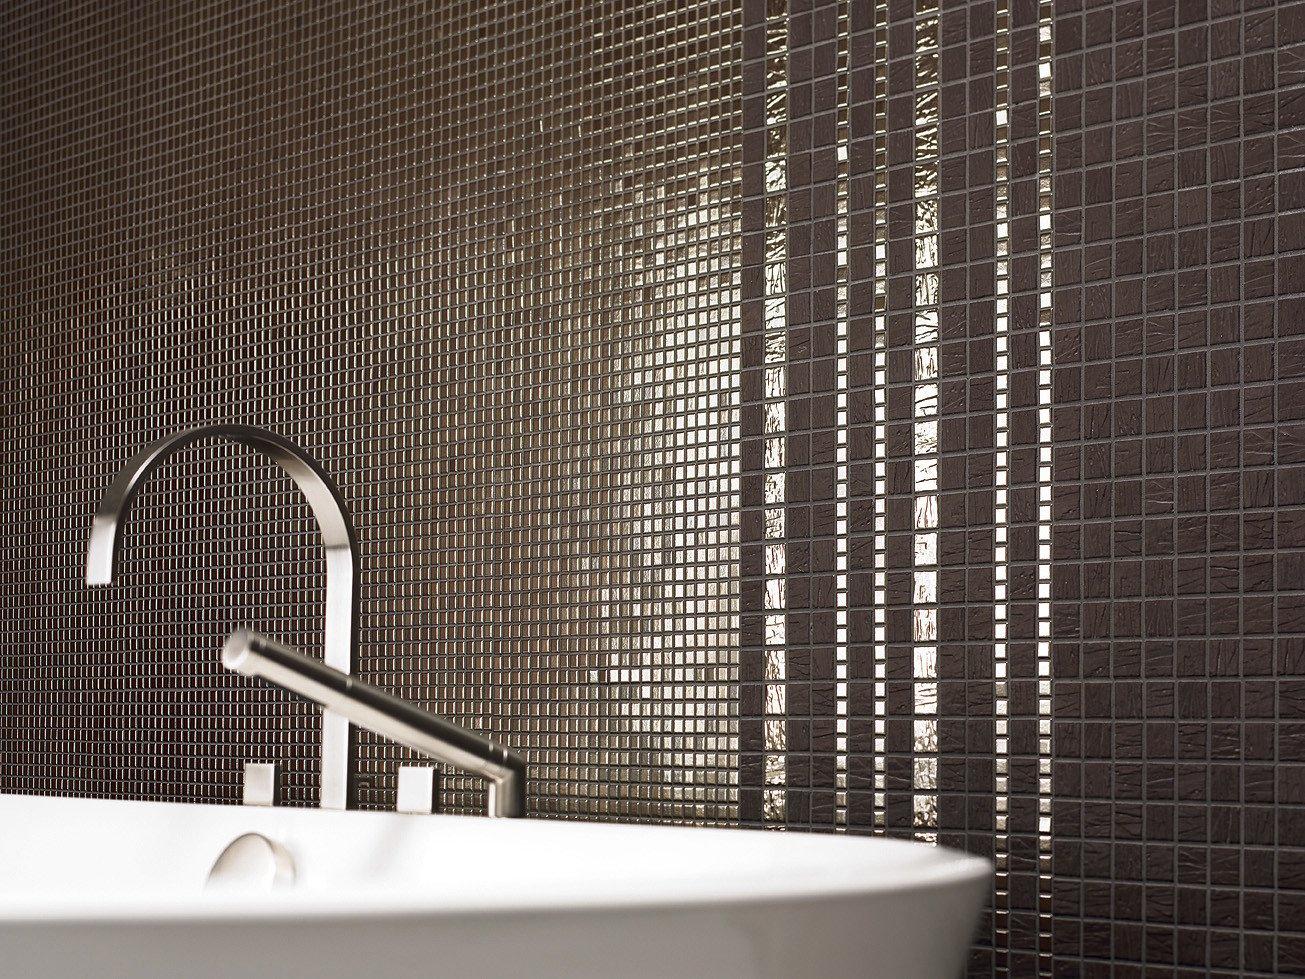 Mosaik Fliesen Badezimmer  Jtleigh.com - Hausgestaltung Ideen